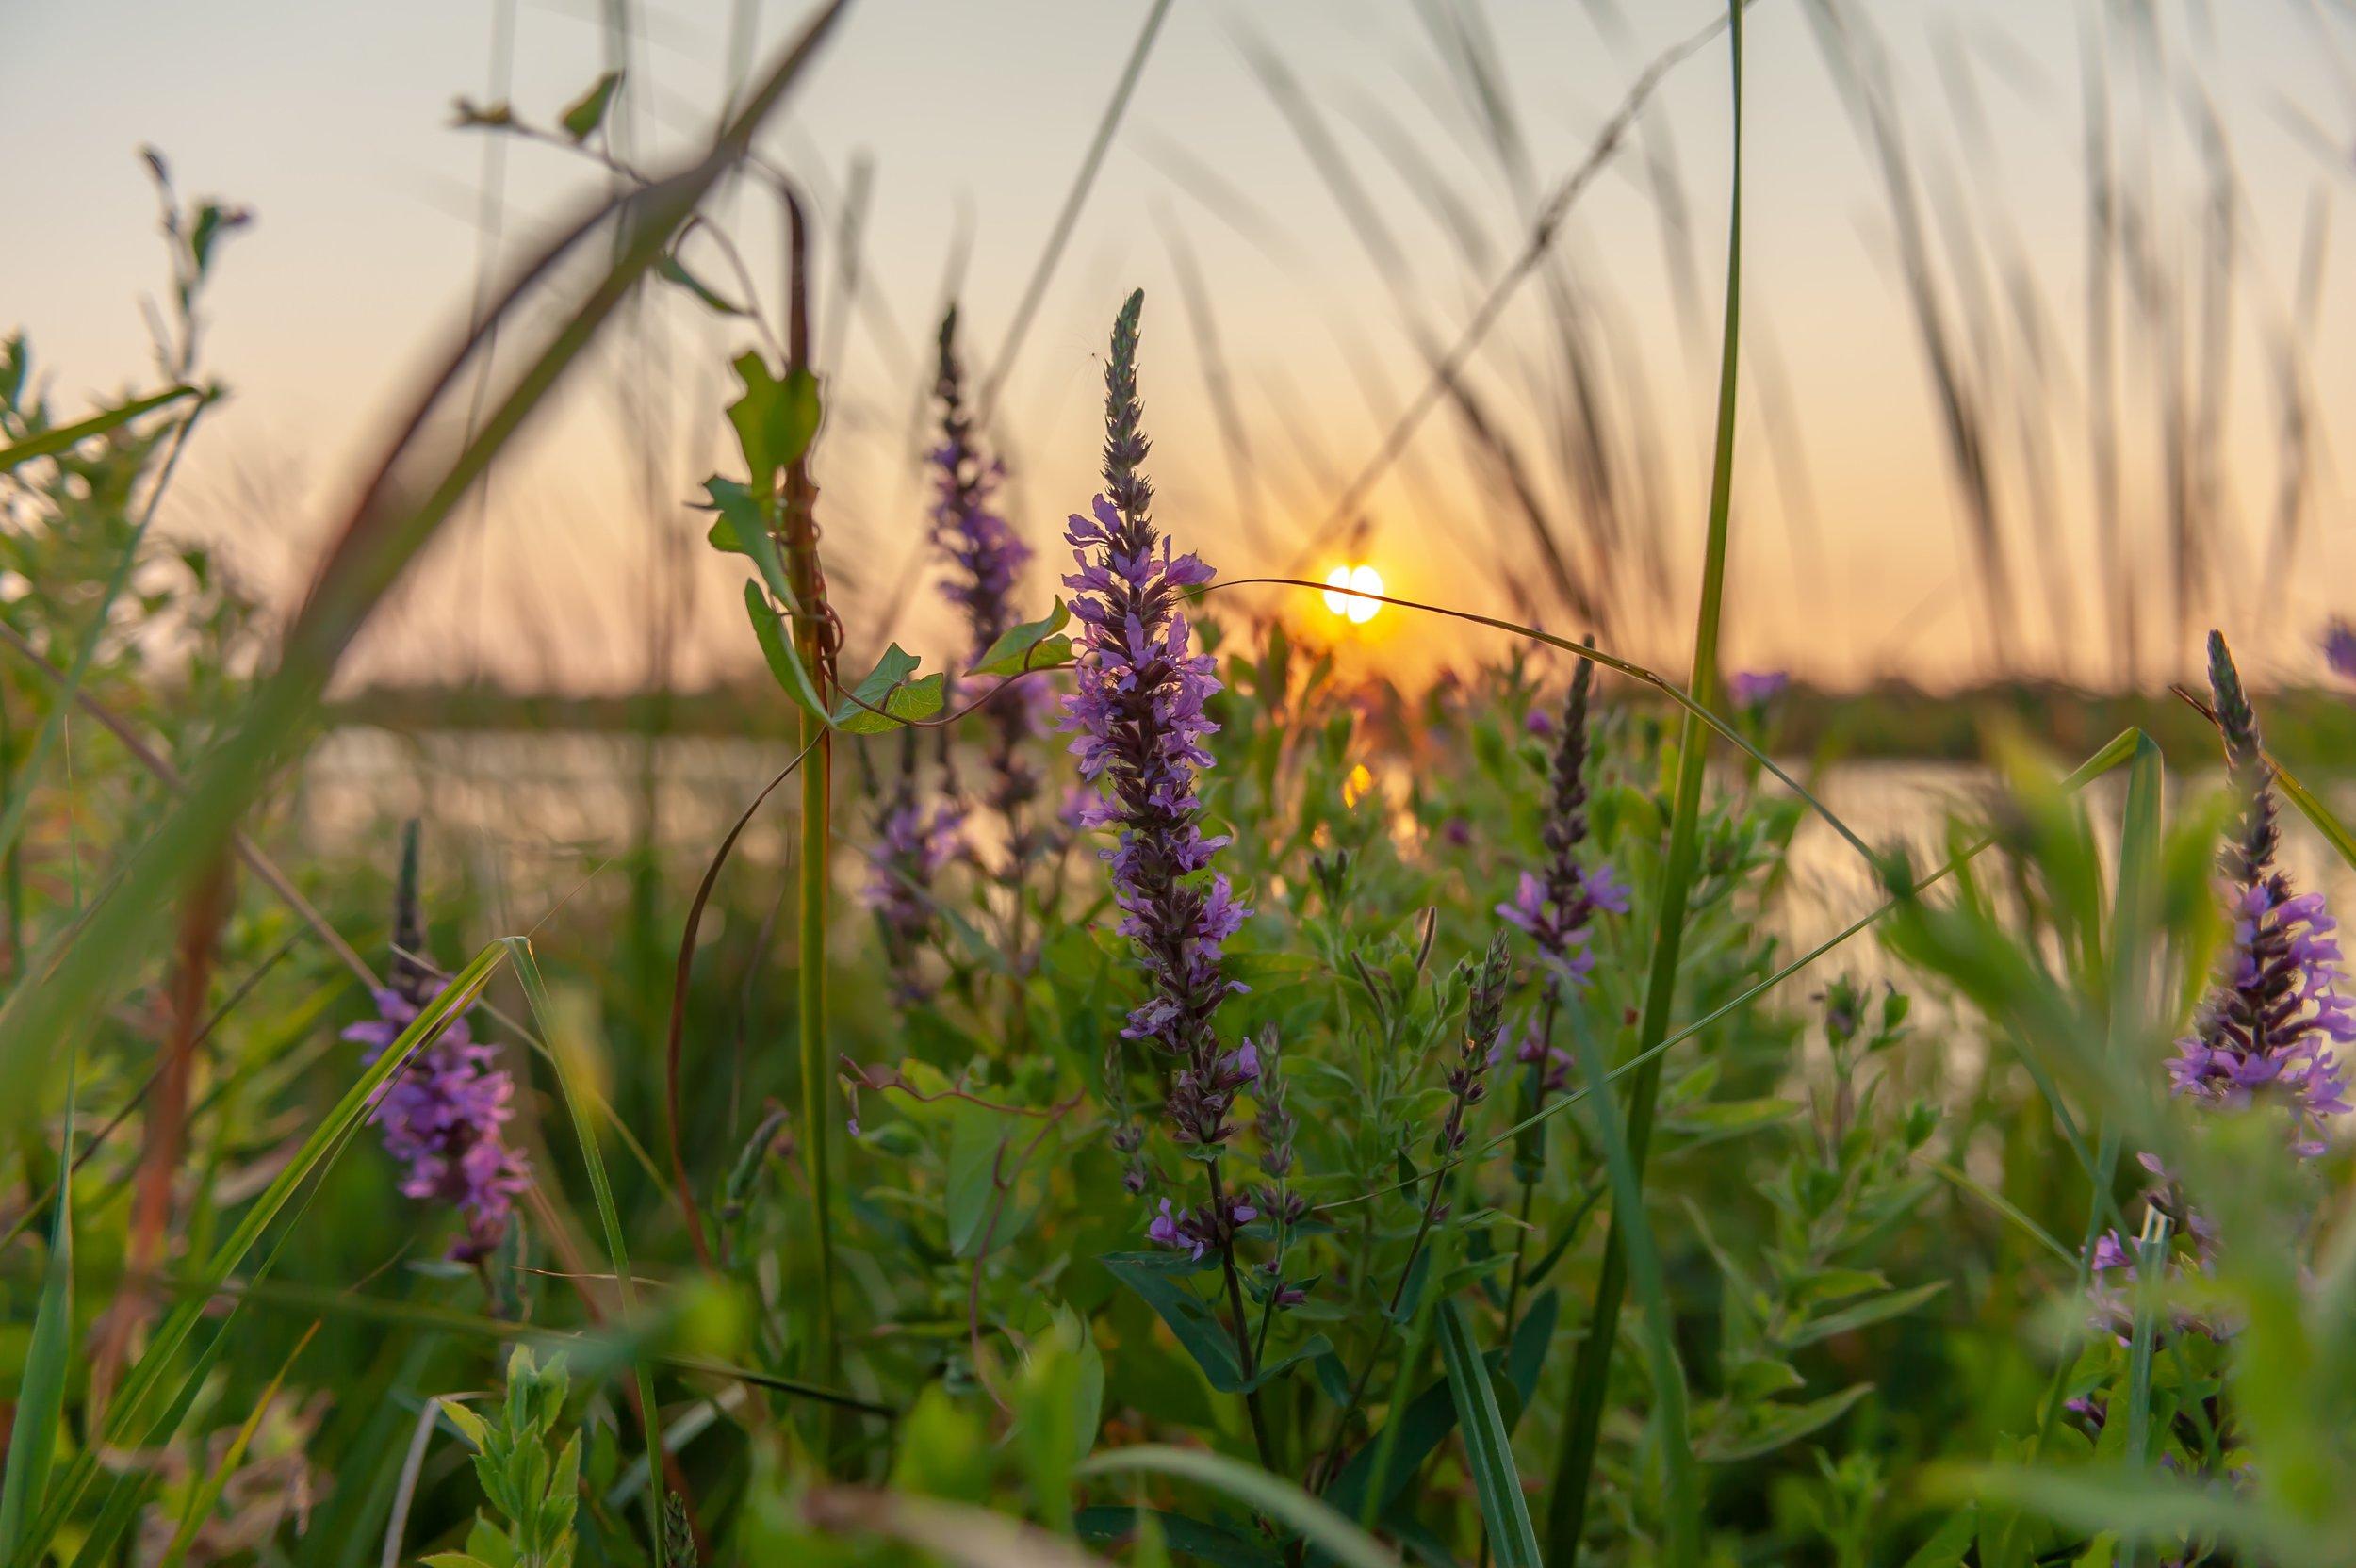 blooming-field-flora-1267284.jpg